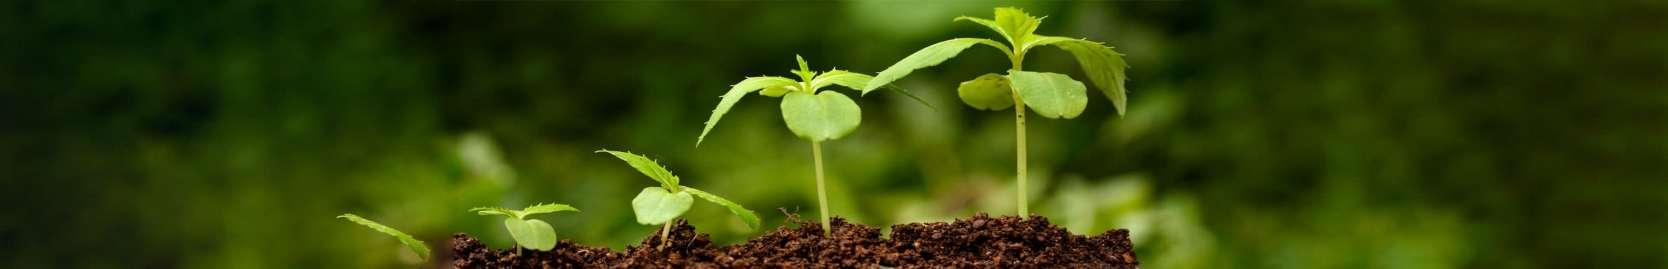 Seedlings growing in fresh soil.